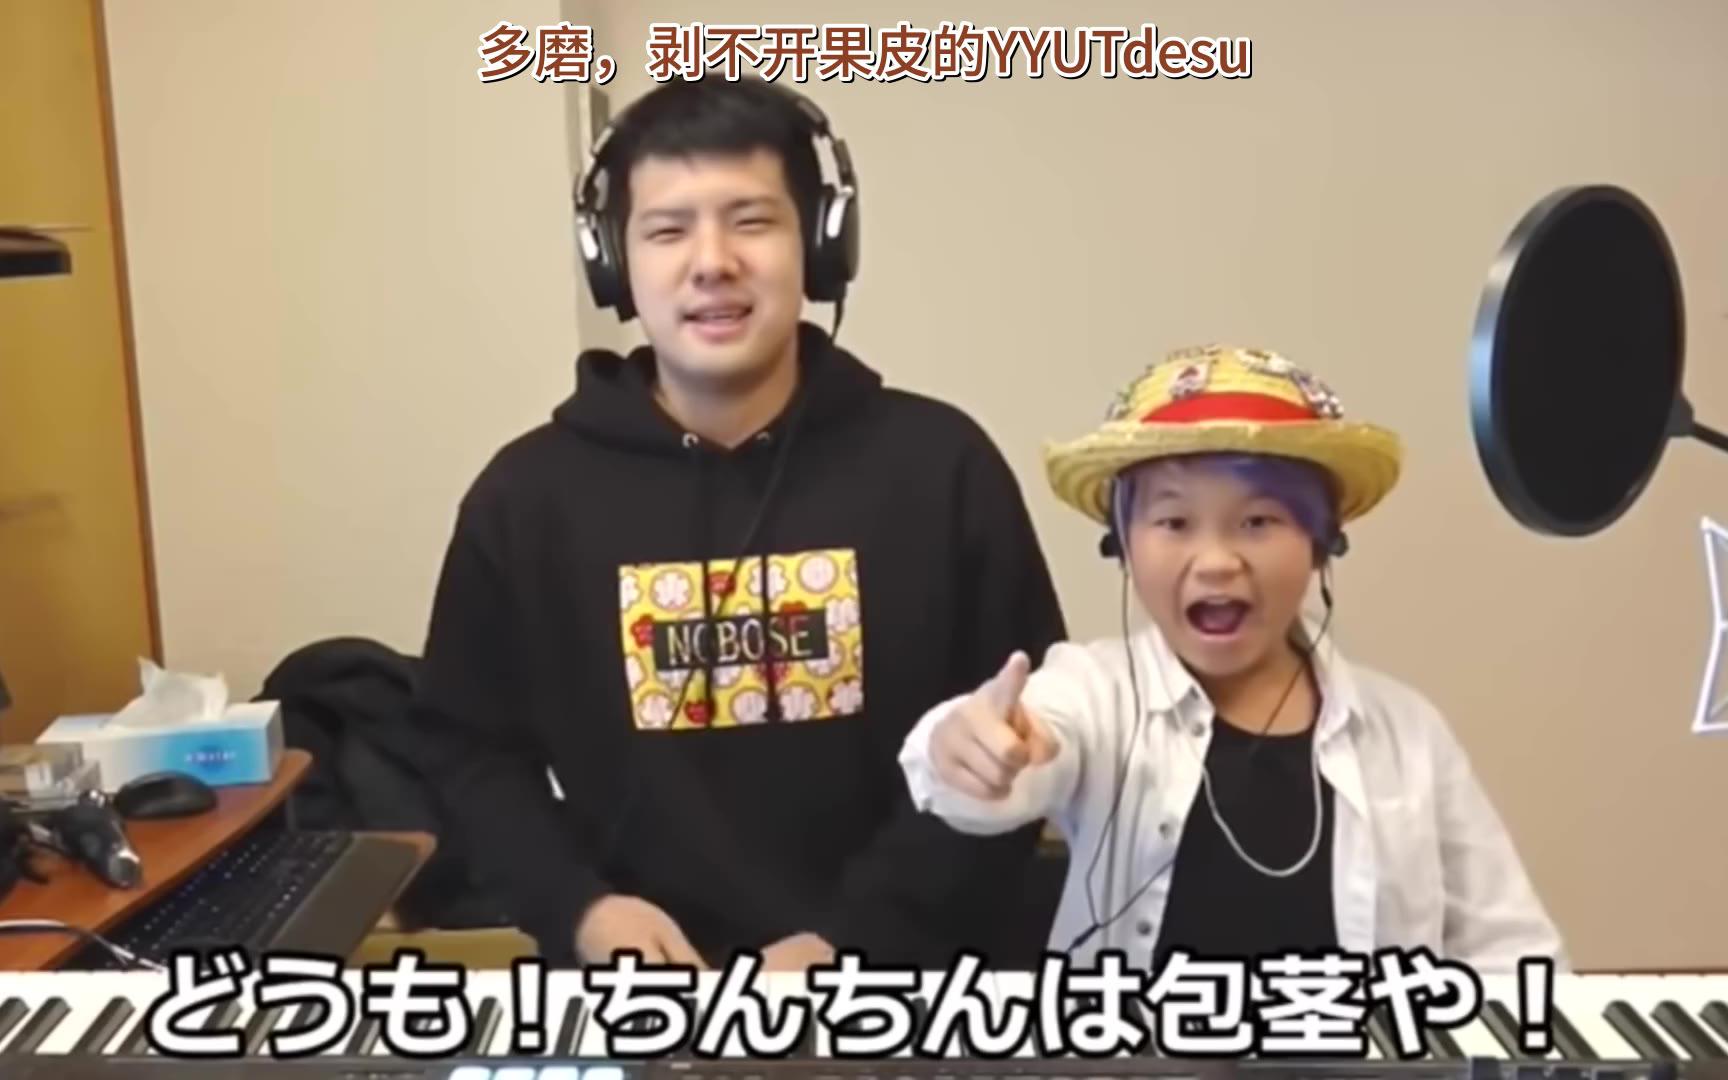 [YYUT相关][Yutabon] 果皮知识小科普